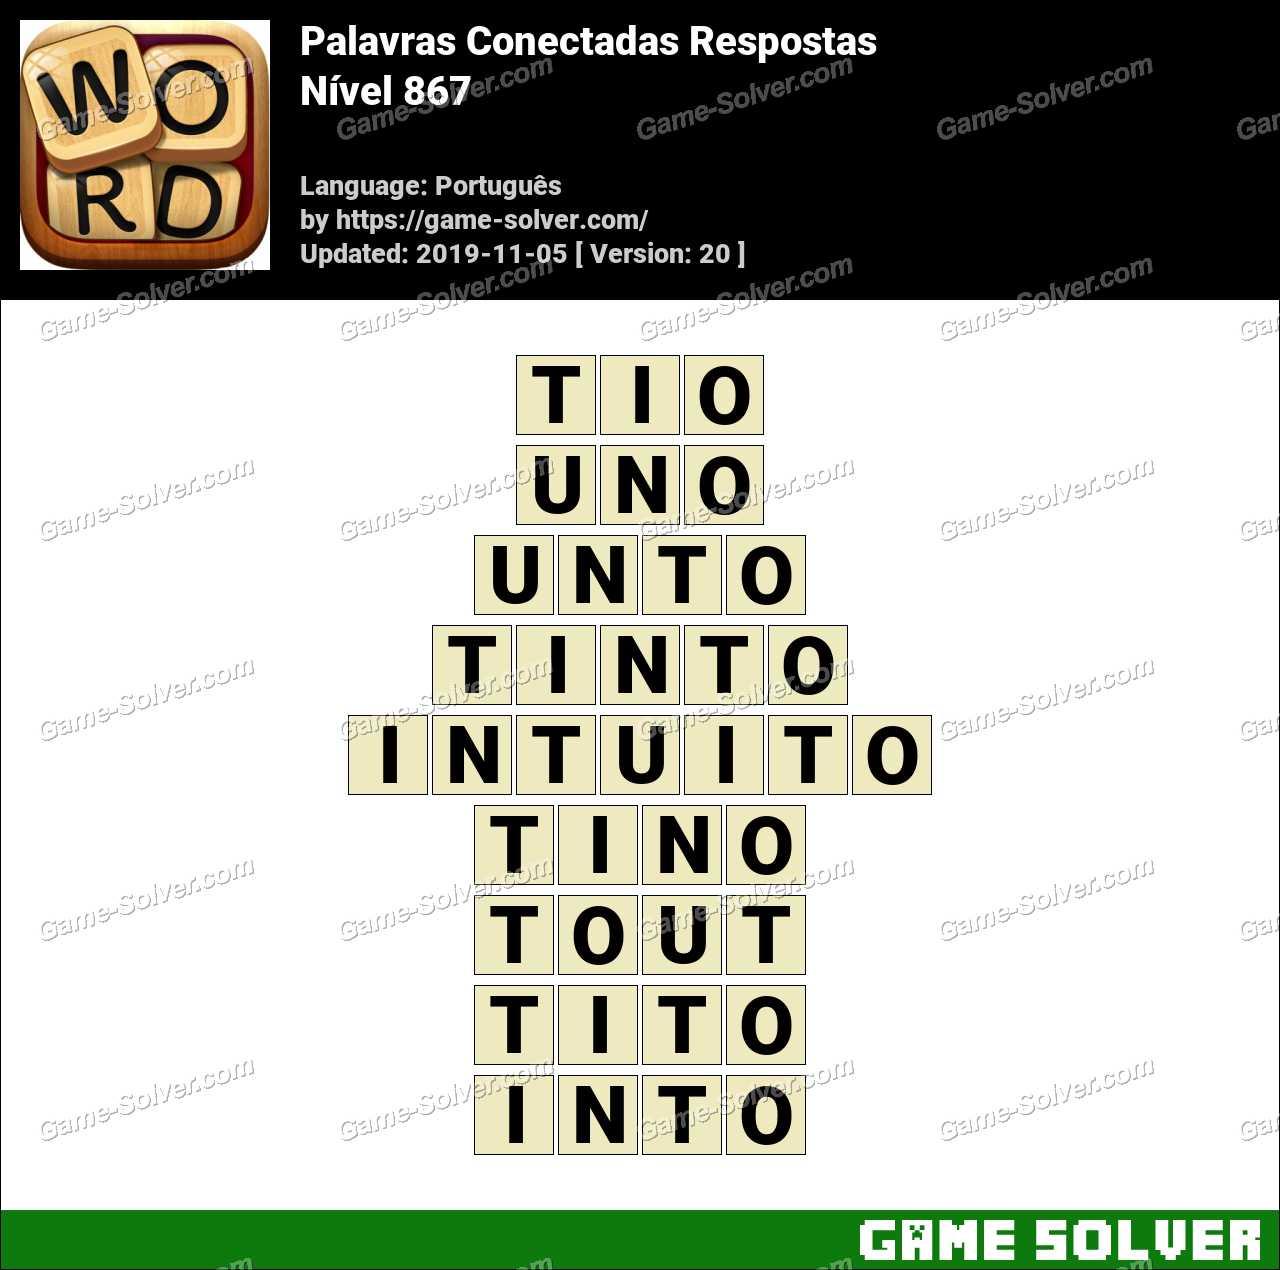 Palavras Conectadas Nivel 867 Respostas